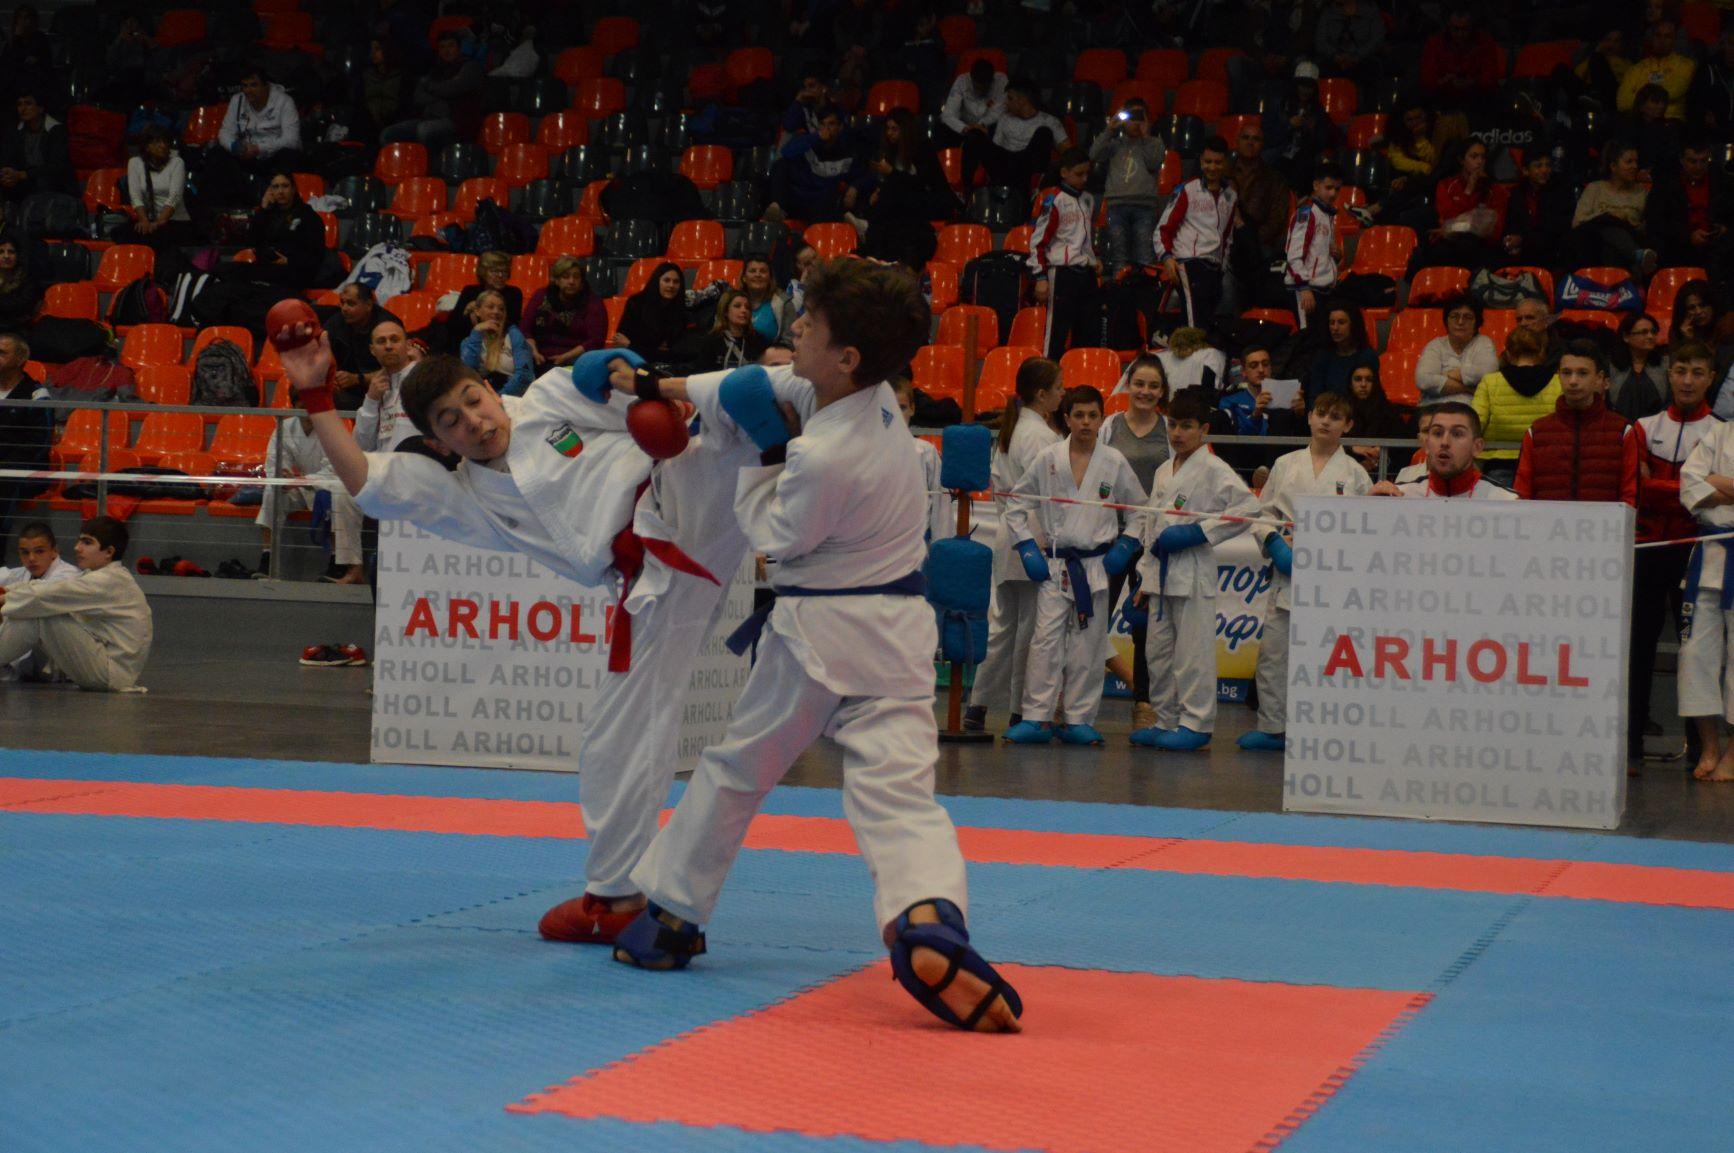 В София стартира турнир по карате с 80 клуба от 22 страни (ВИДЕО)